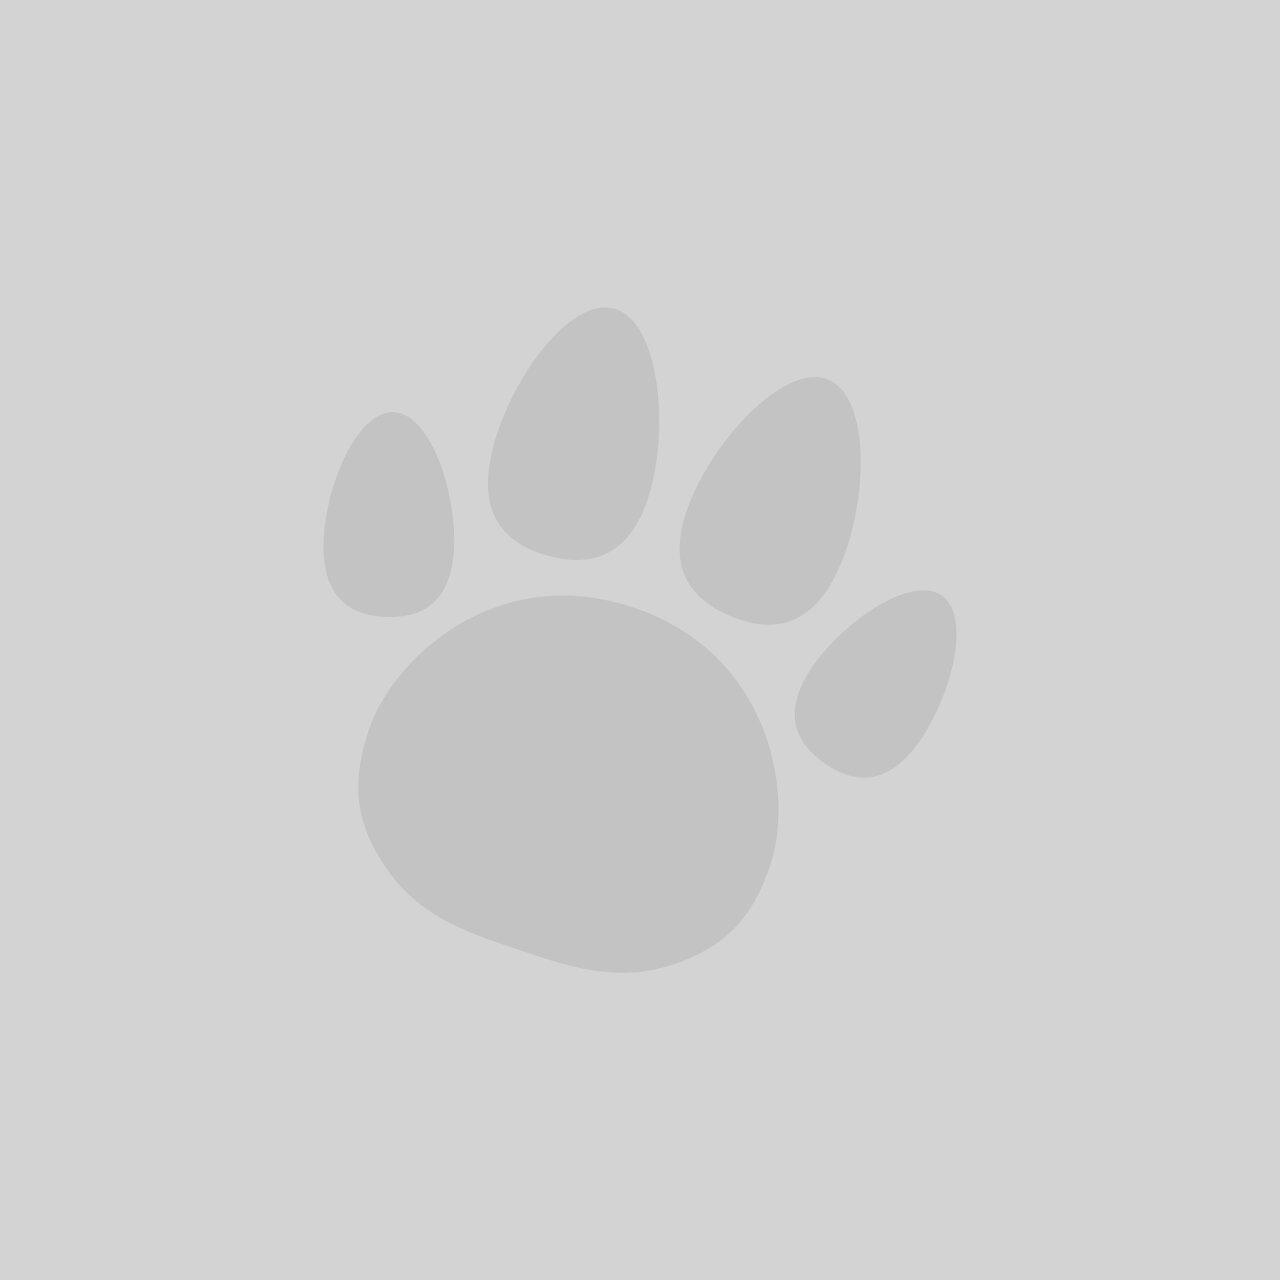 Rufus & Rosie Stainless Steel Bowl Blue 290ml